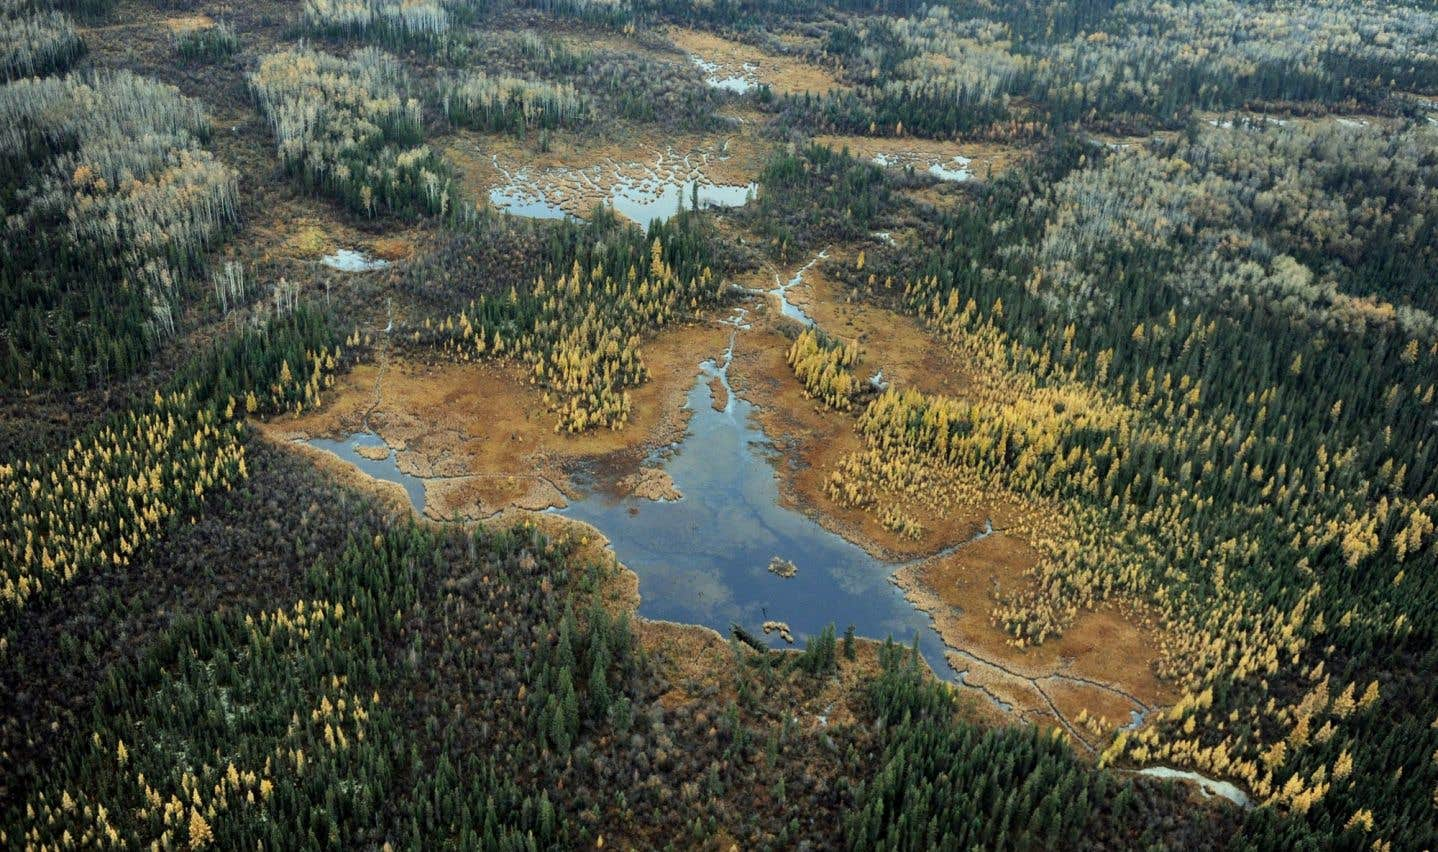 Le gouvernement Trudeau doit déposer cette semaine un projet de loi pour refondre le processus d'évaluations environnementales, deux ans après avoir lancé une vaste révision.